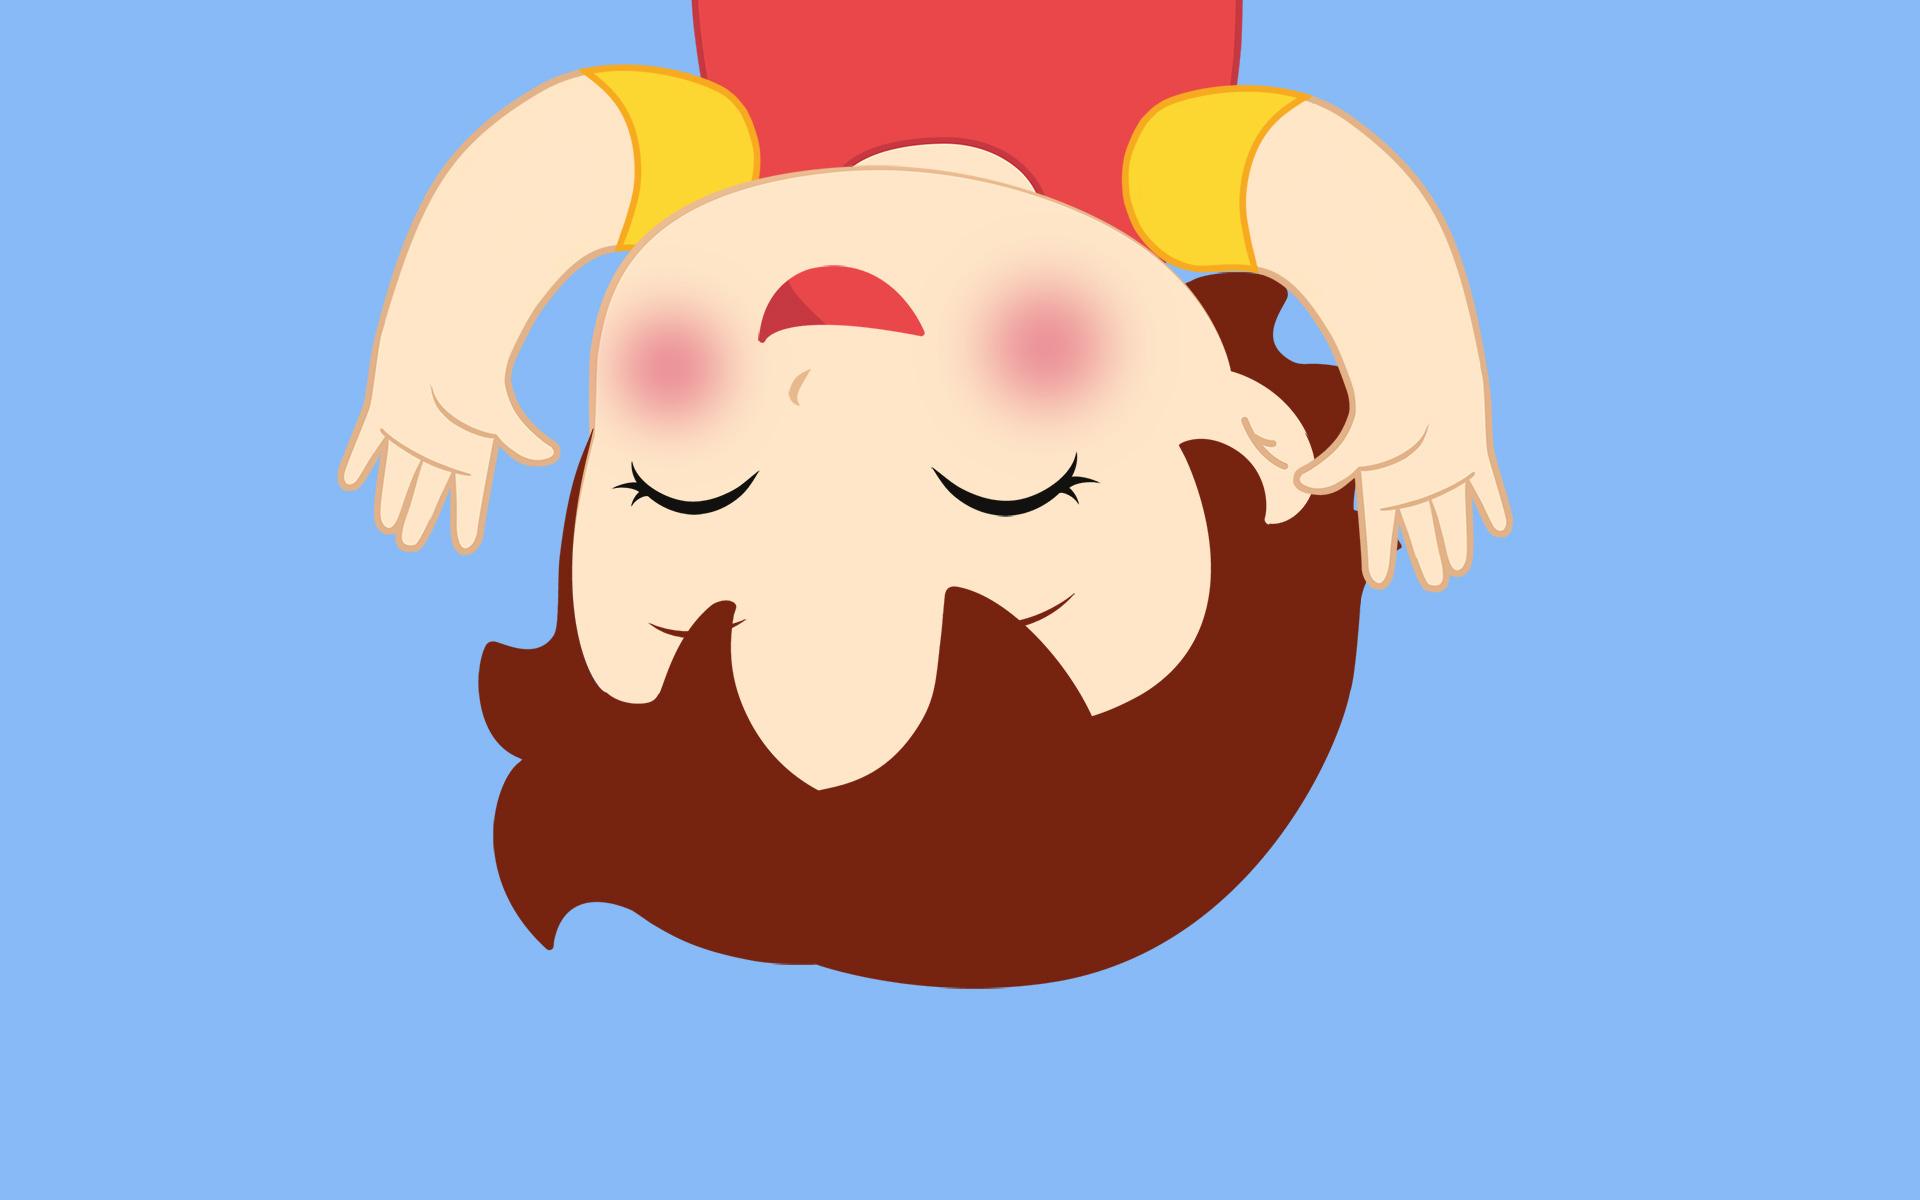 Baby Heidi - CANAL DE YOUTUBE - Branding y posicionamiento de marca